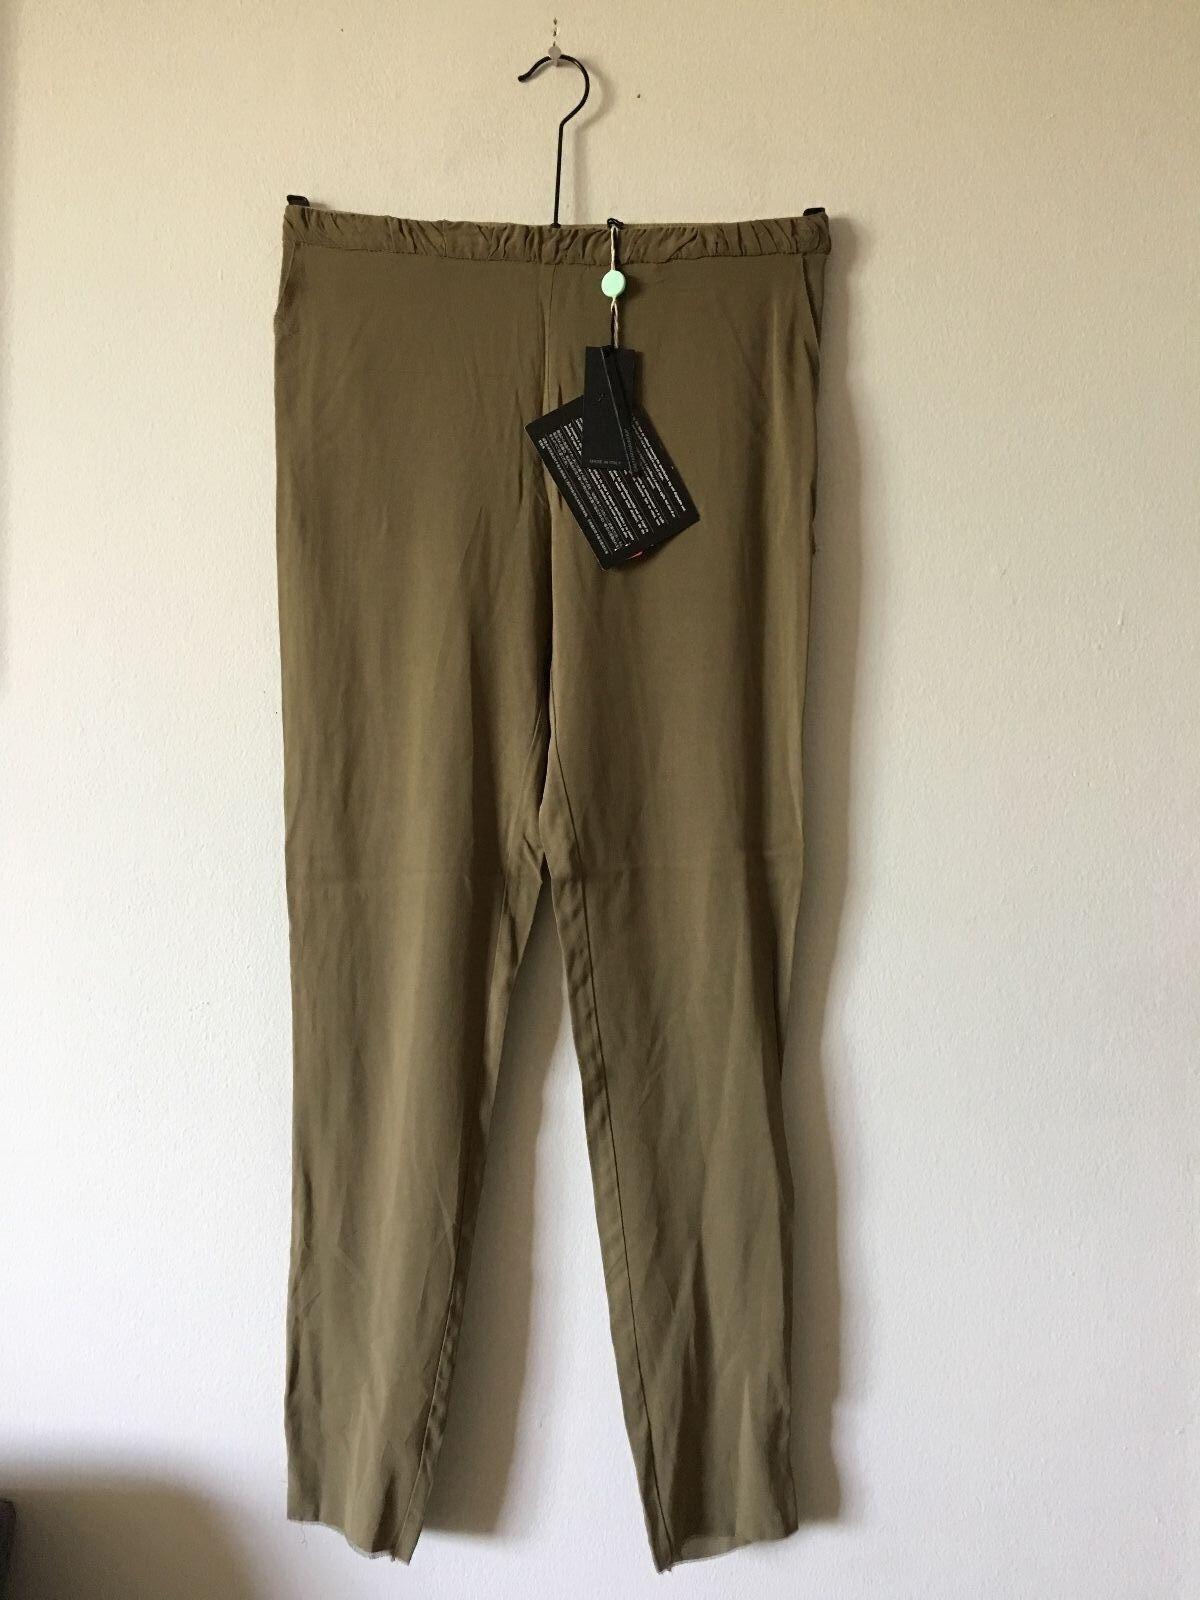 NWT Gaetano Navarra Raw Edge Seam Detail Stretchy Slim Pants Size IT 42 US 4 6